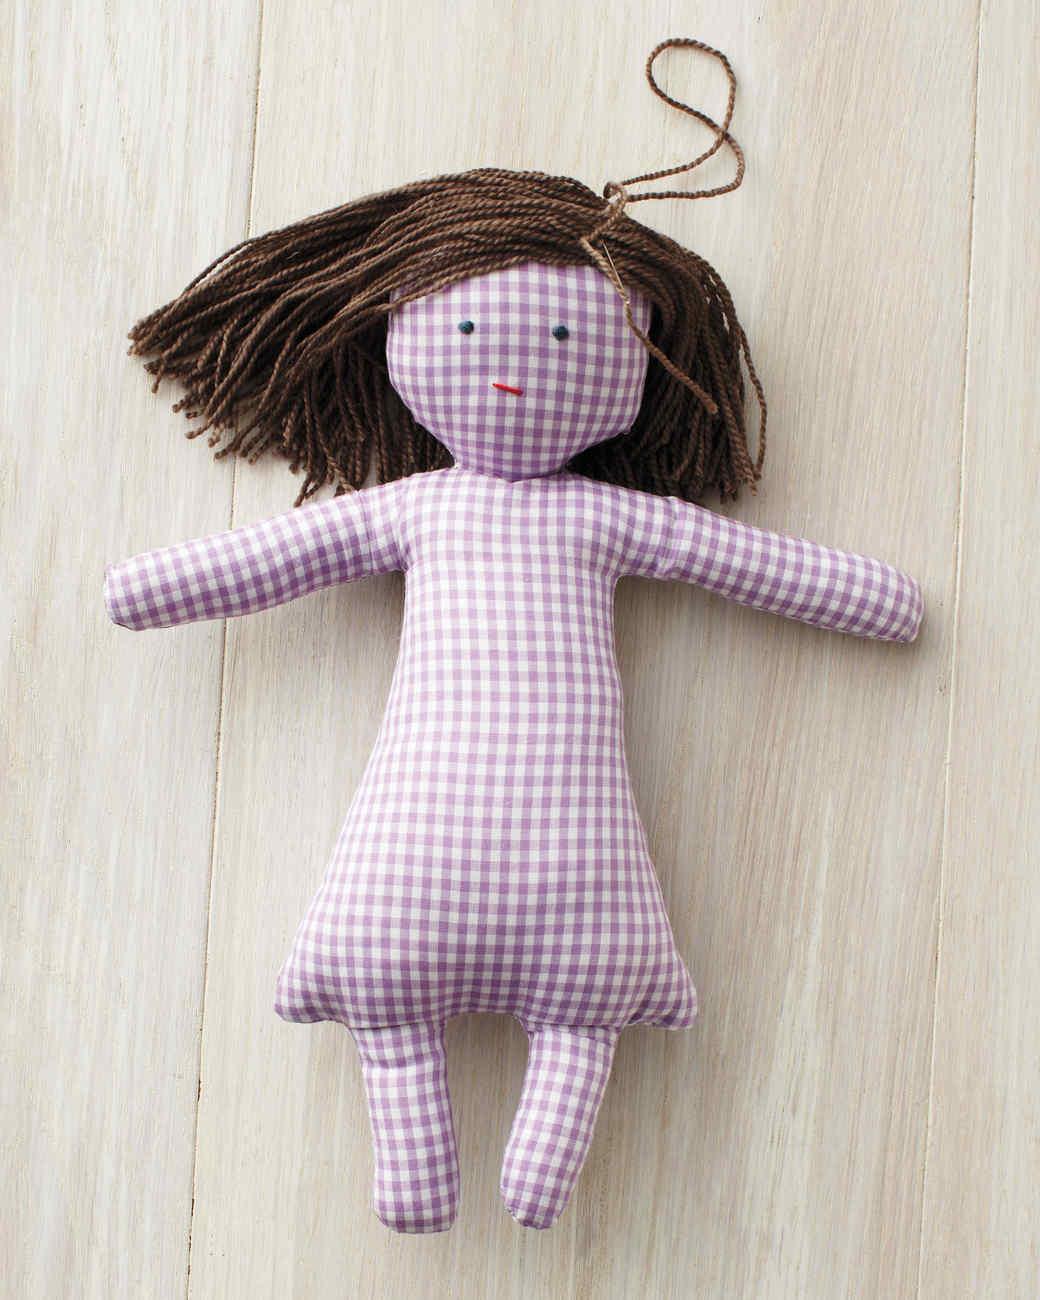 doll-how-to-1011mld107648b.jpg